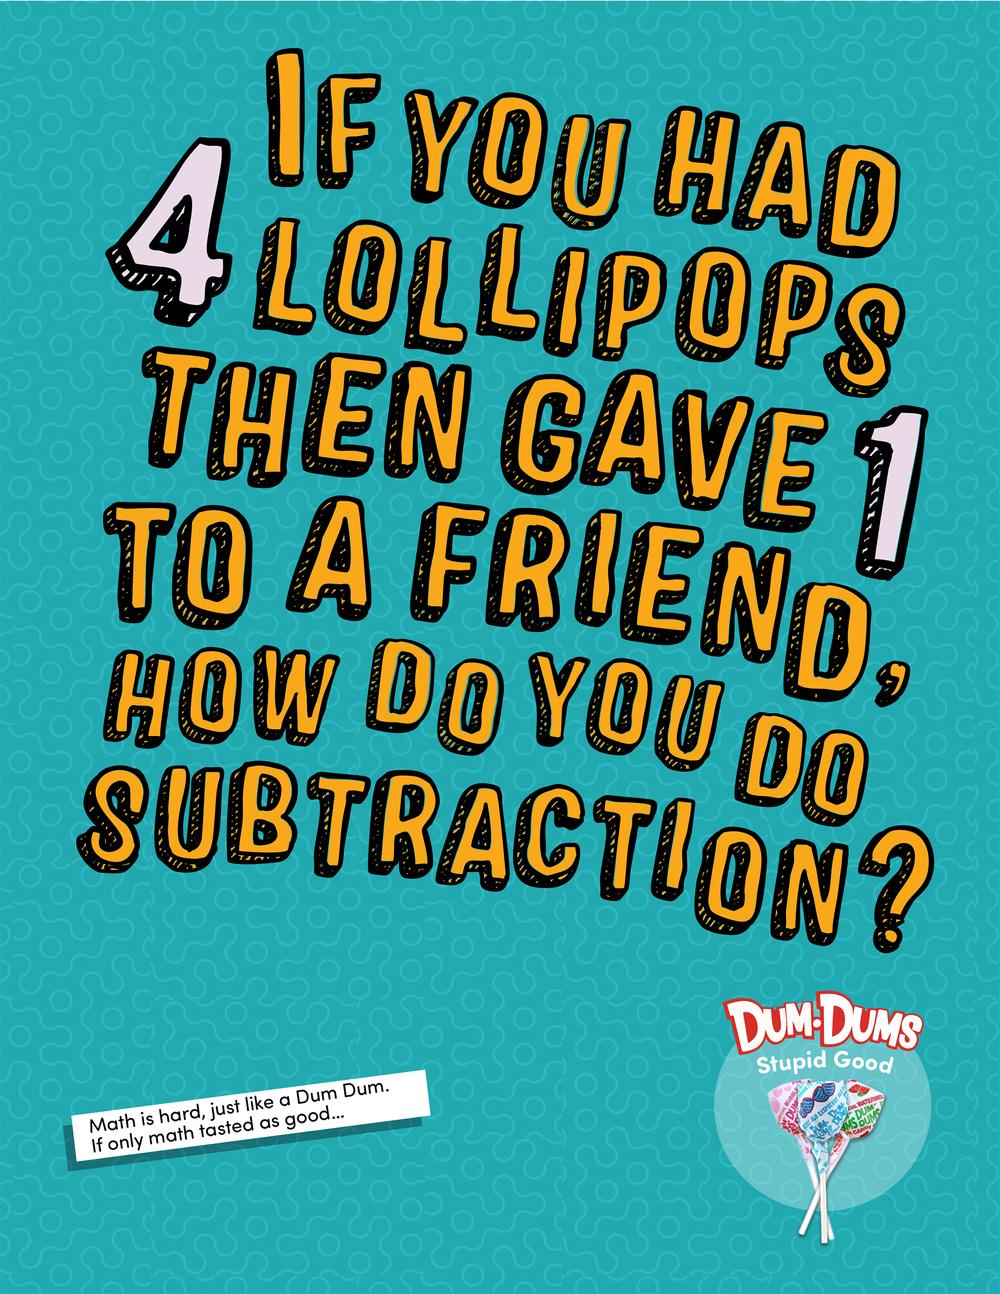 subtraction.jpg